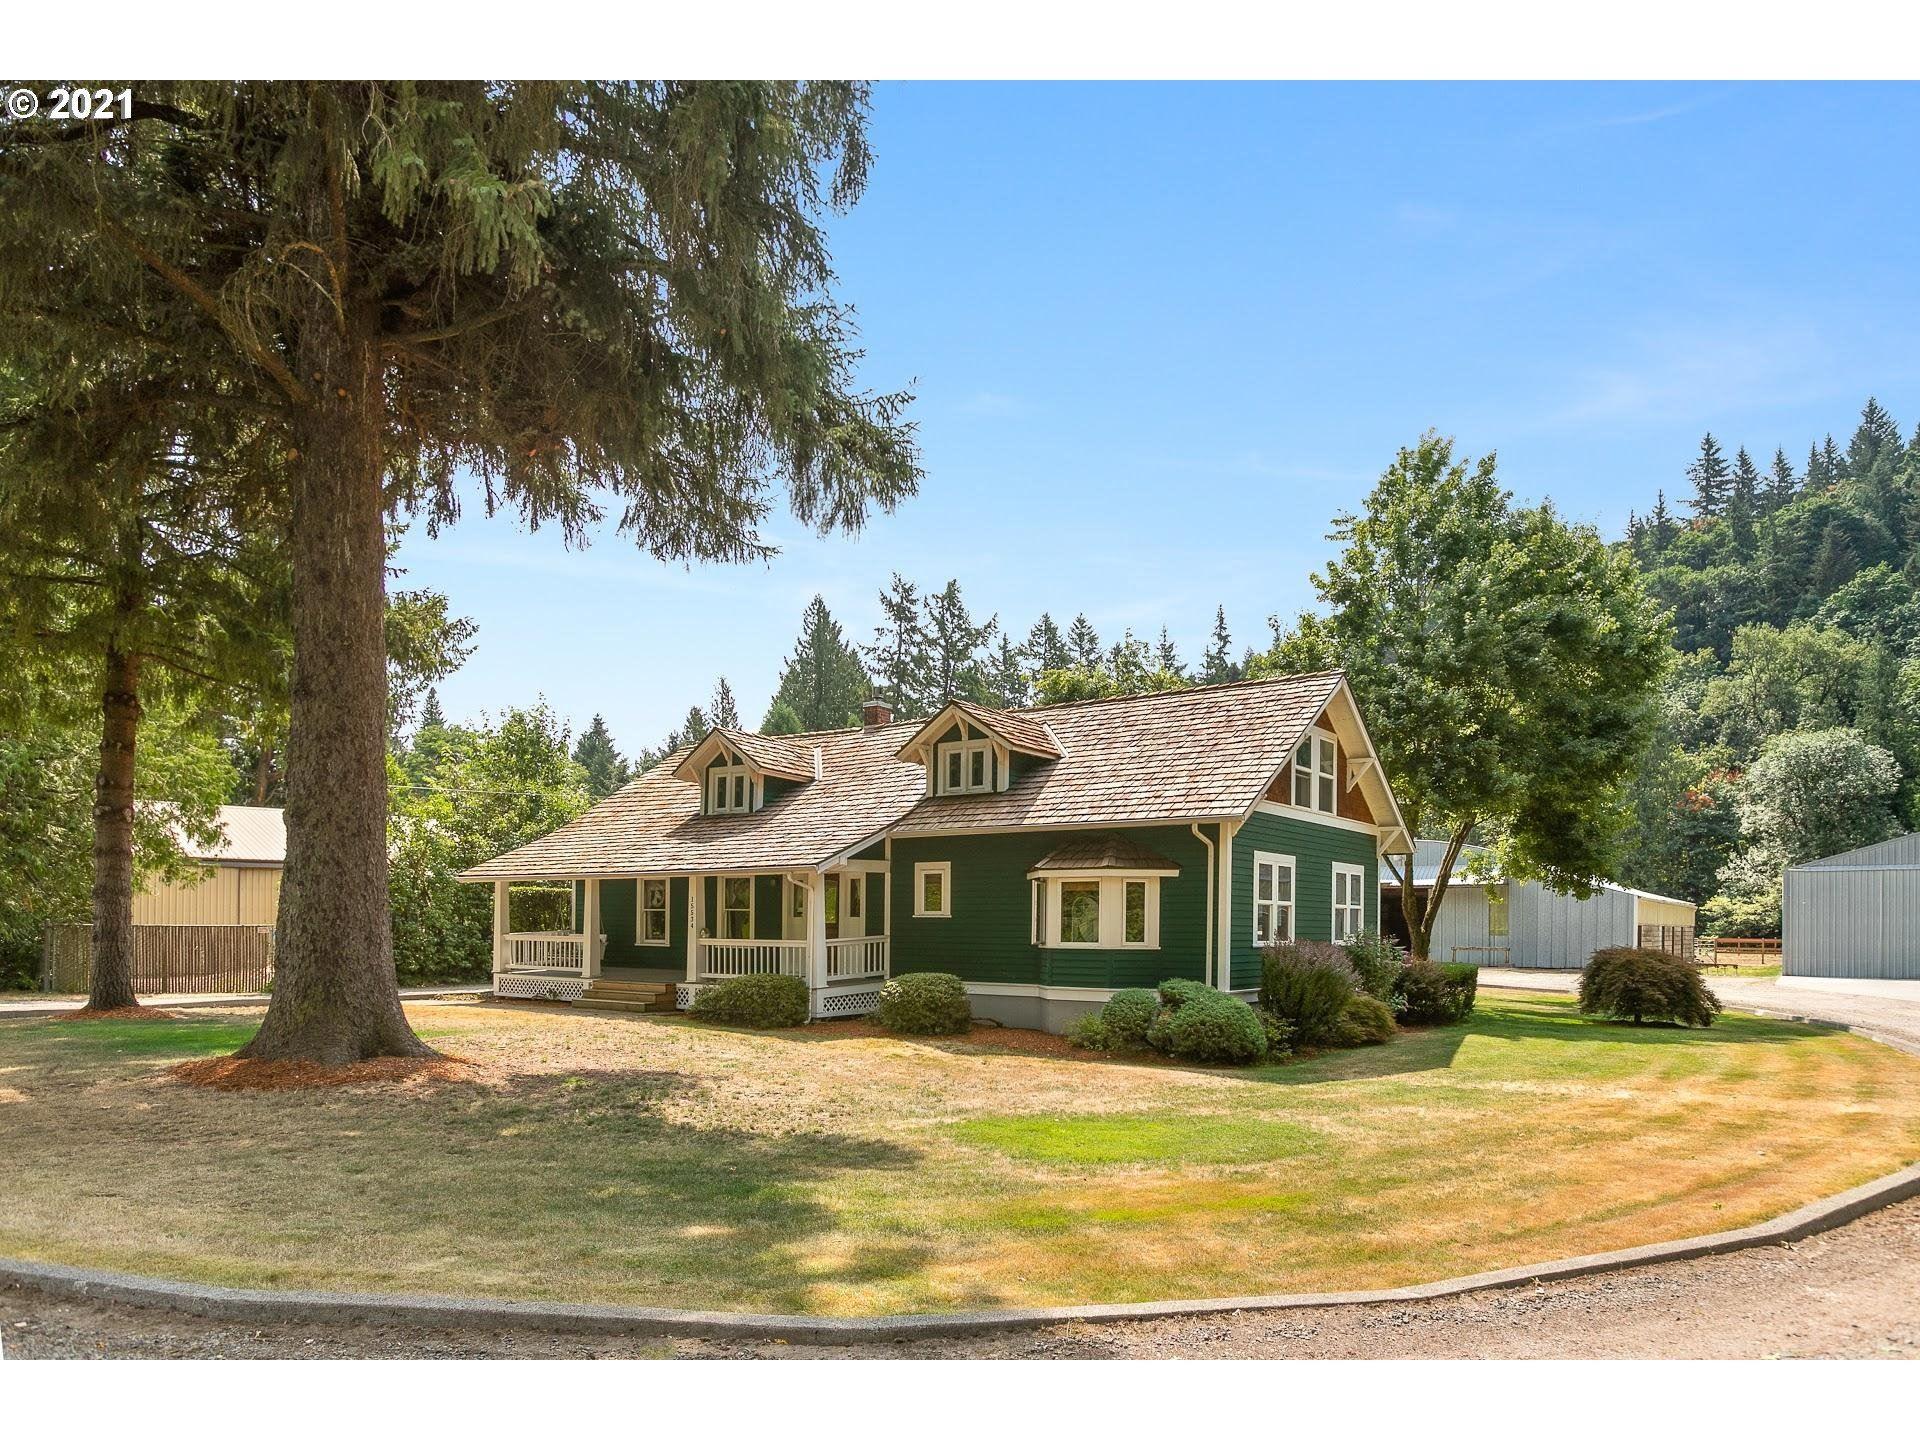 15534 SE MARTINS ST, Portland, OR 97236 - MLS#: 21630071